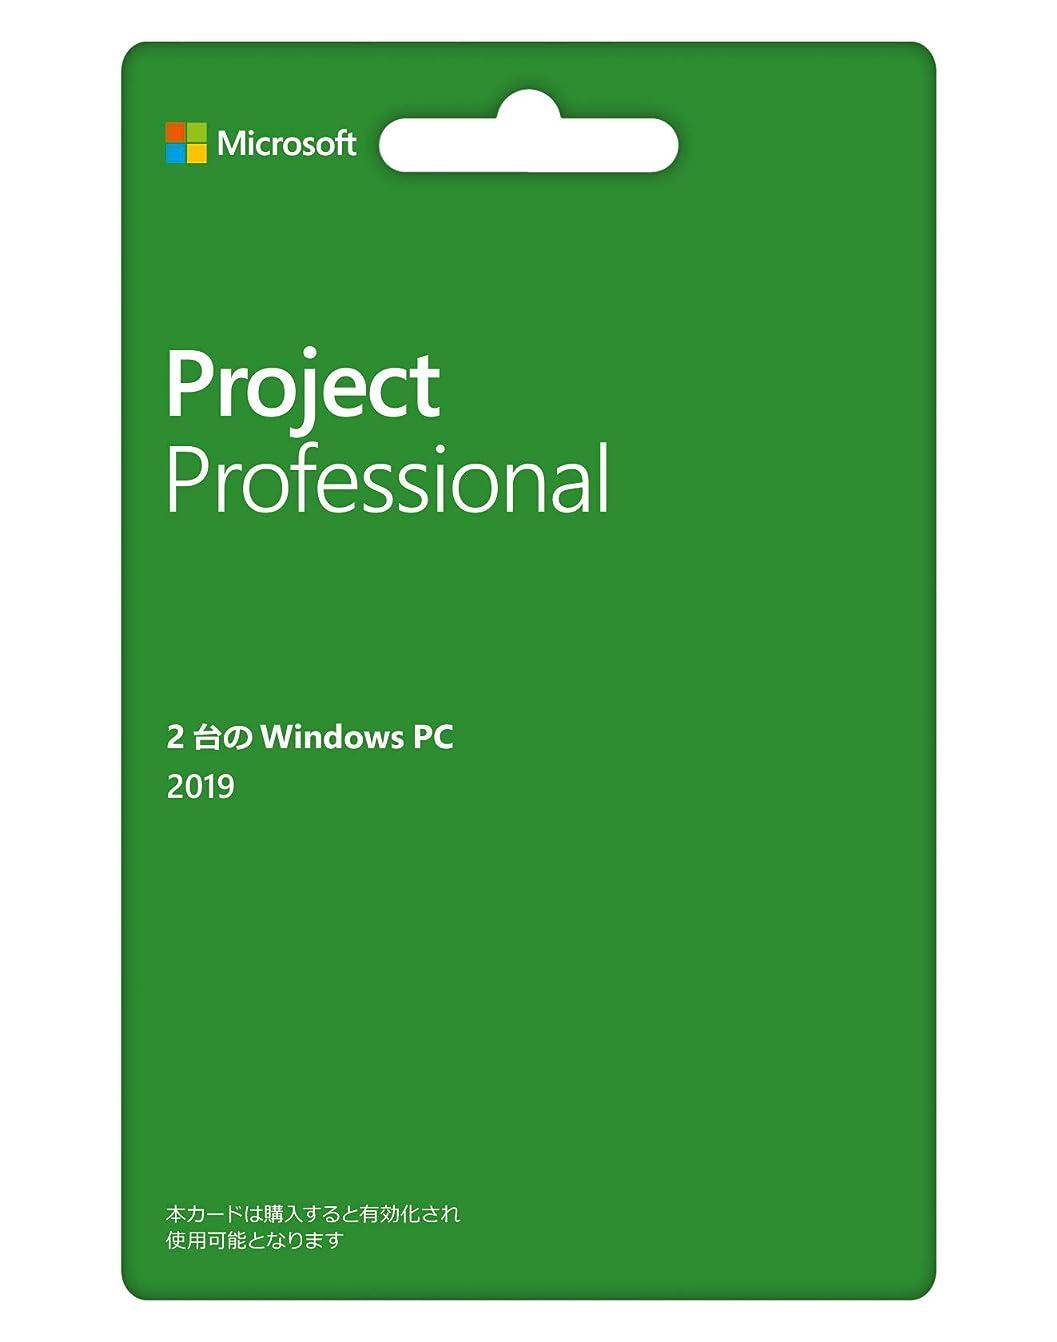 難破船インゲン獣Microsoft Project Professional 2019(最新 永続版) カード版 Windows10 PC2台